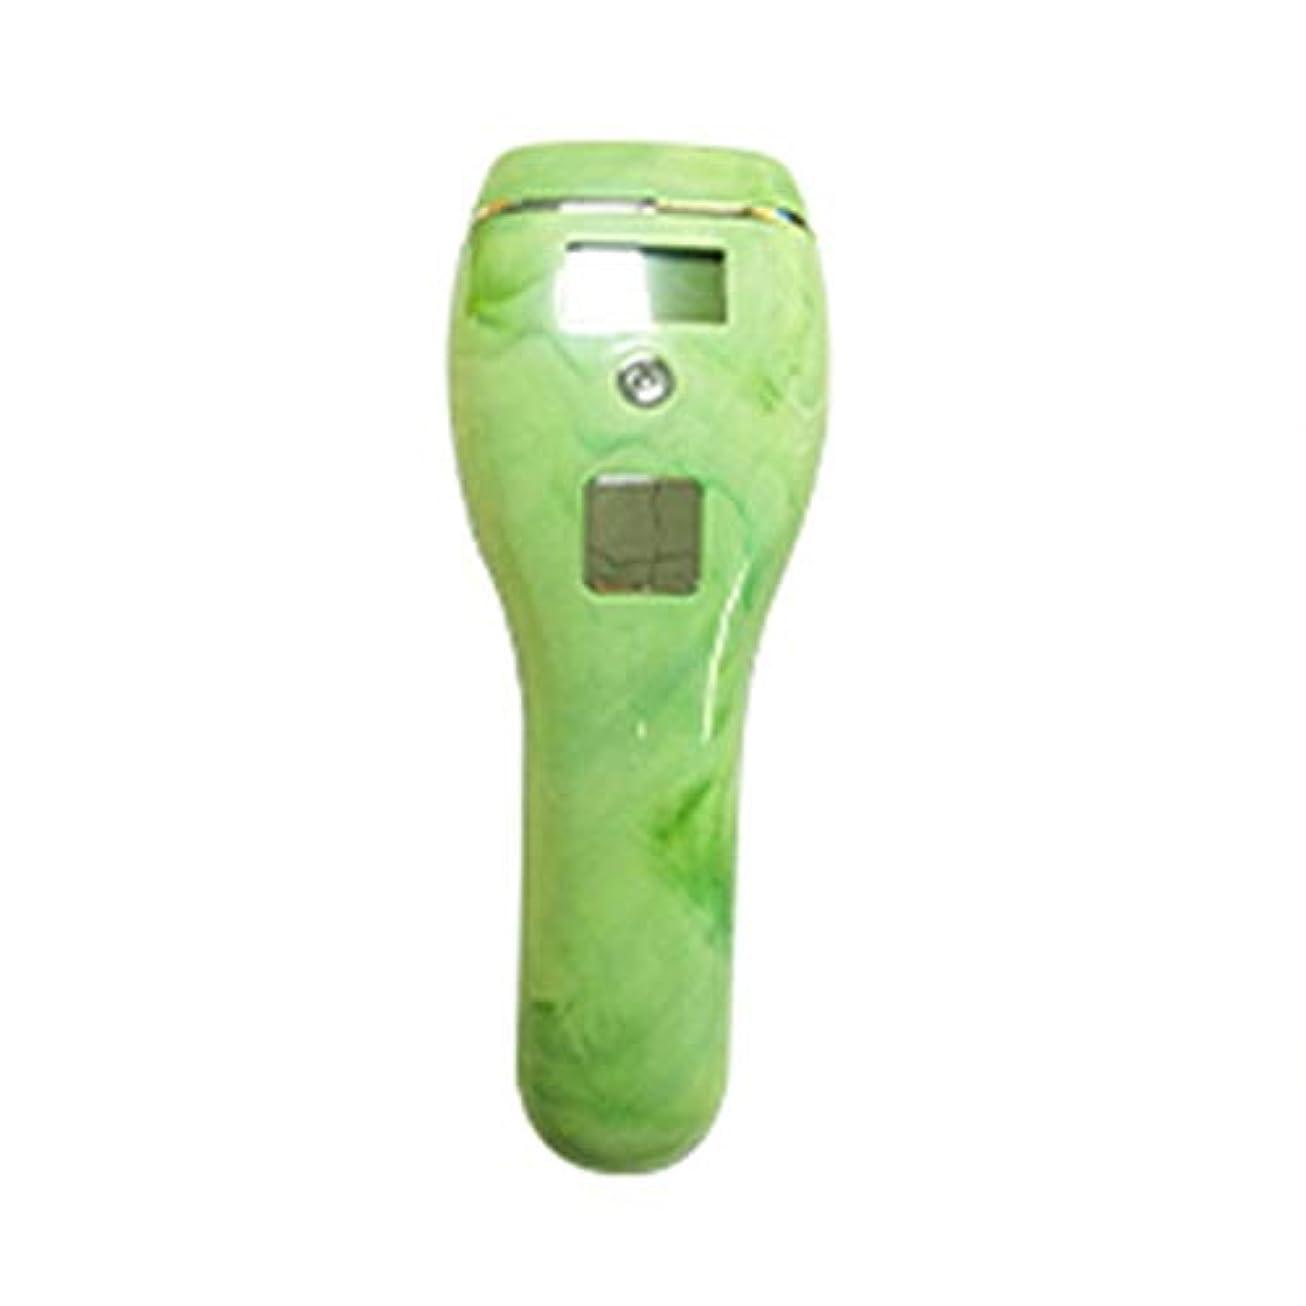 薄めるとんでもないもう一度自動肌のカラーセンシング、グリーン、5速調整、クォーツチューブ、携帯用痛みのない全身凍結乾燥用除湿器、サイズ19x7x5cm 安全性 (Color : Green)